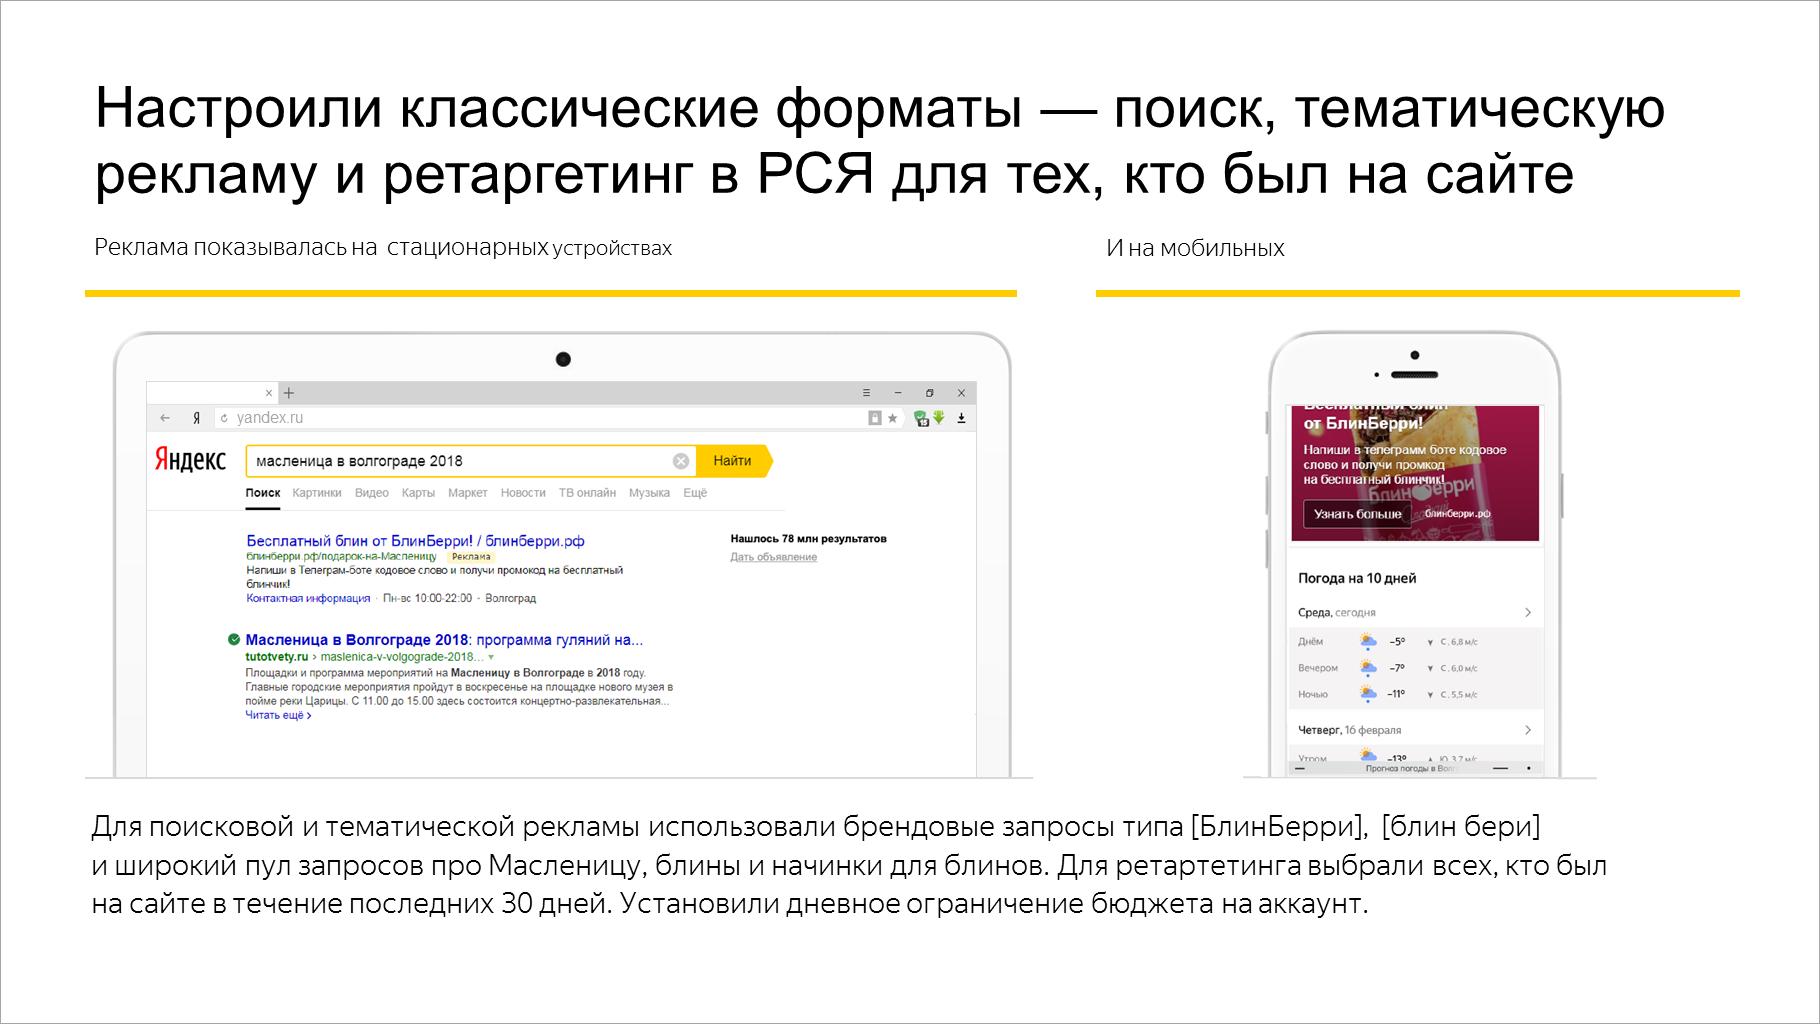 Настроили классические форматы — поиск, тематическую рекламу и ретаргетинг в РСЯ для тех, кто был на сайте